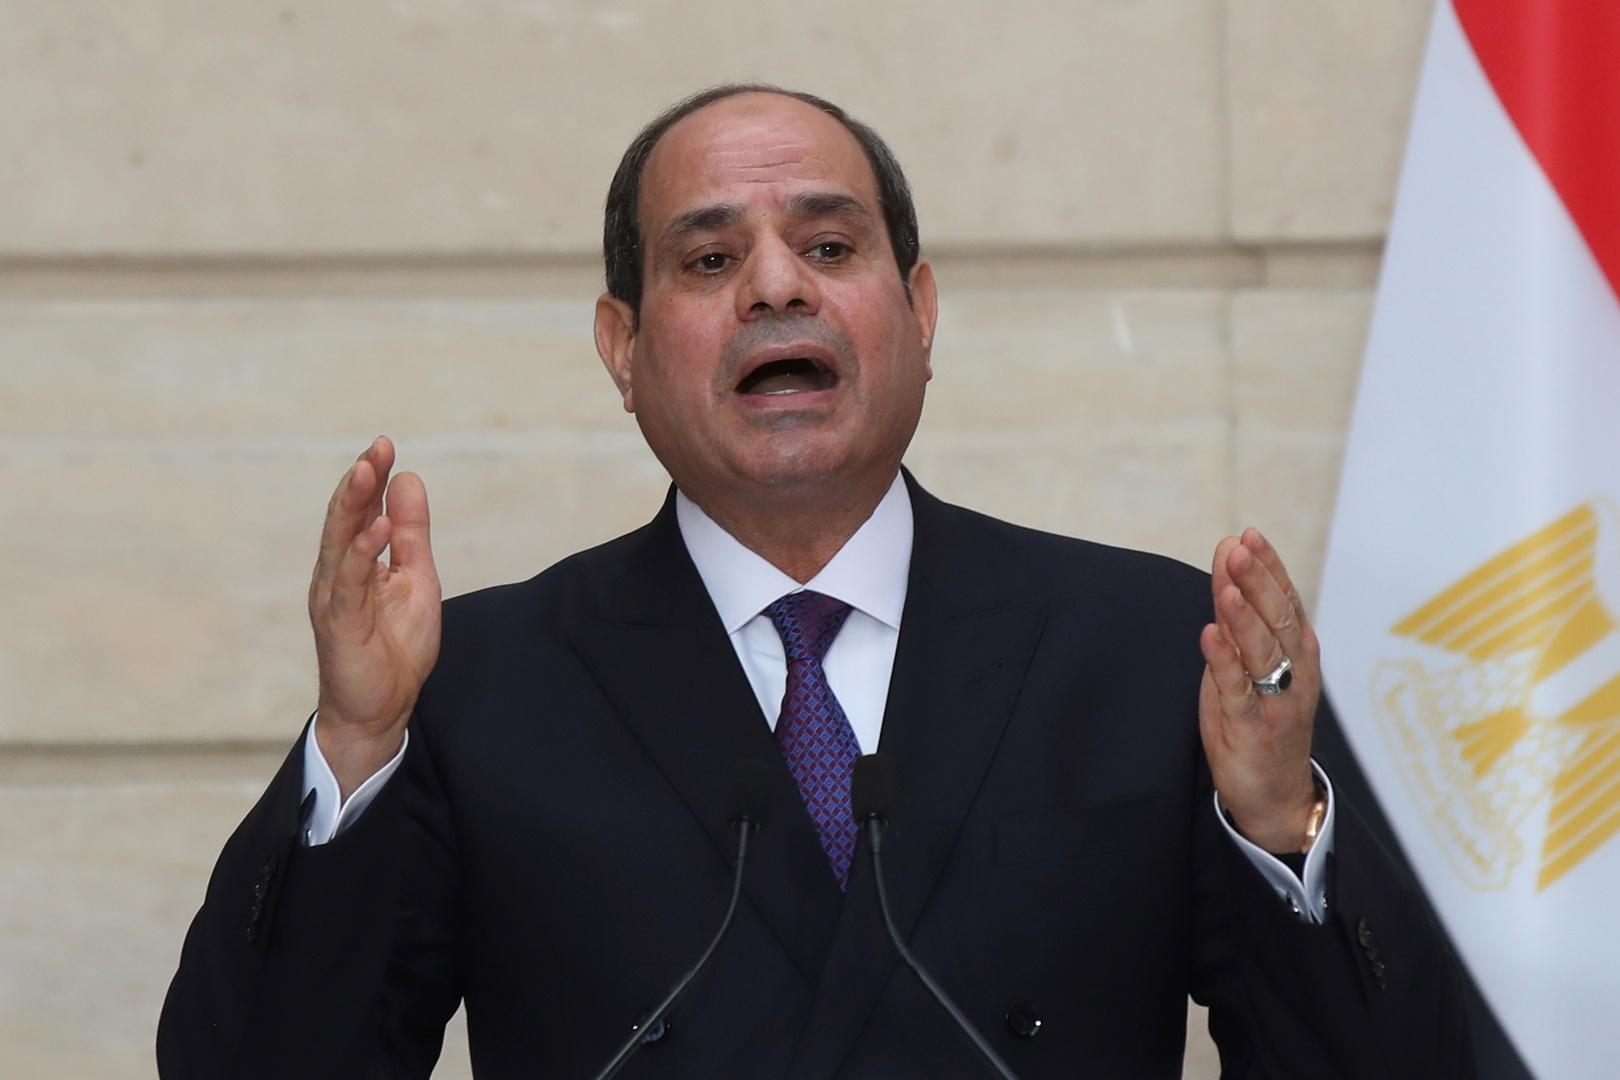 سفير فلسطين لدى القاهرة: هذه هي مصر التي تحافظ على دماء الشعب الفلسطيني